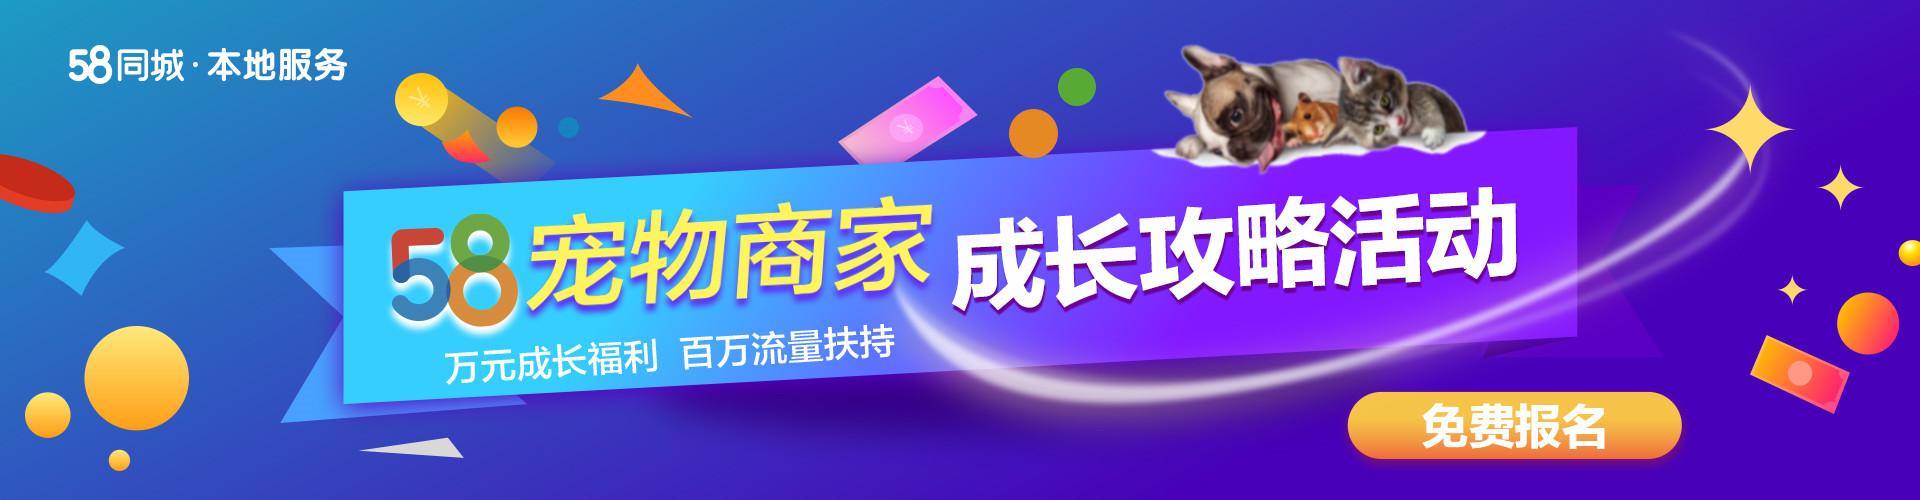 【万元福利扶持】|58宠物商家成长计划培训